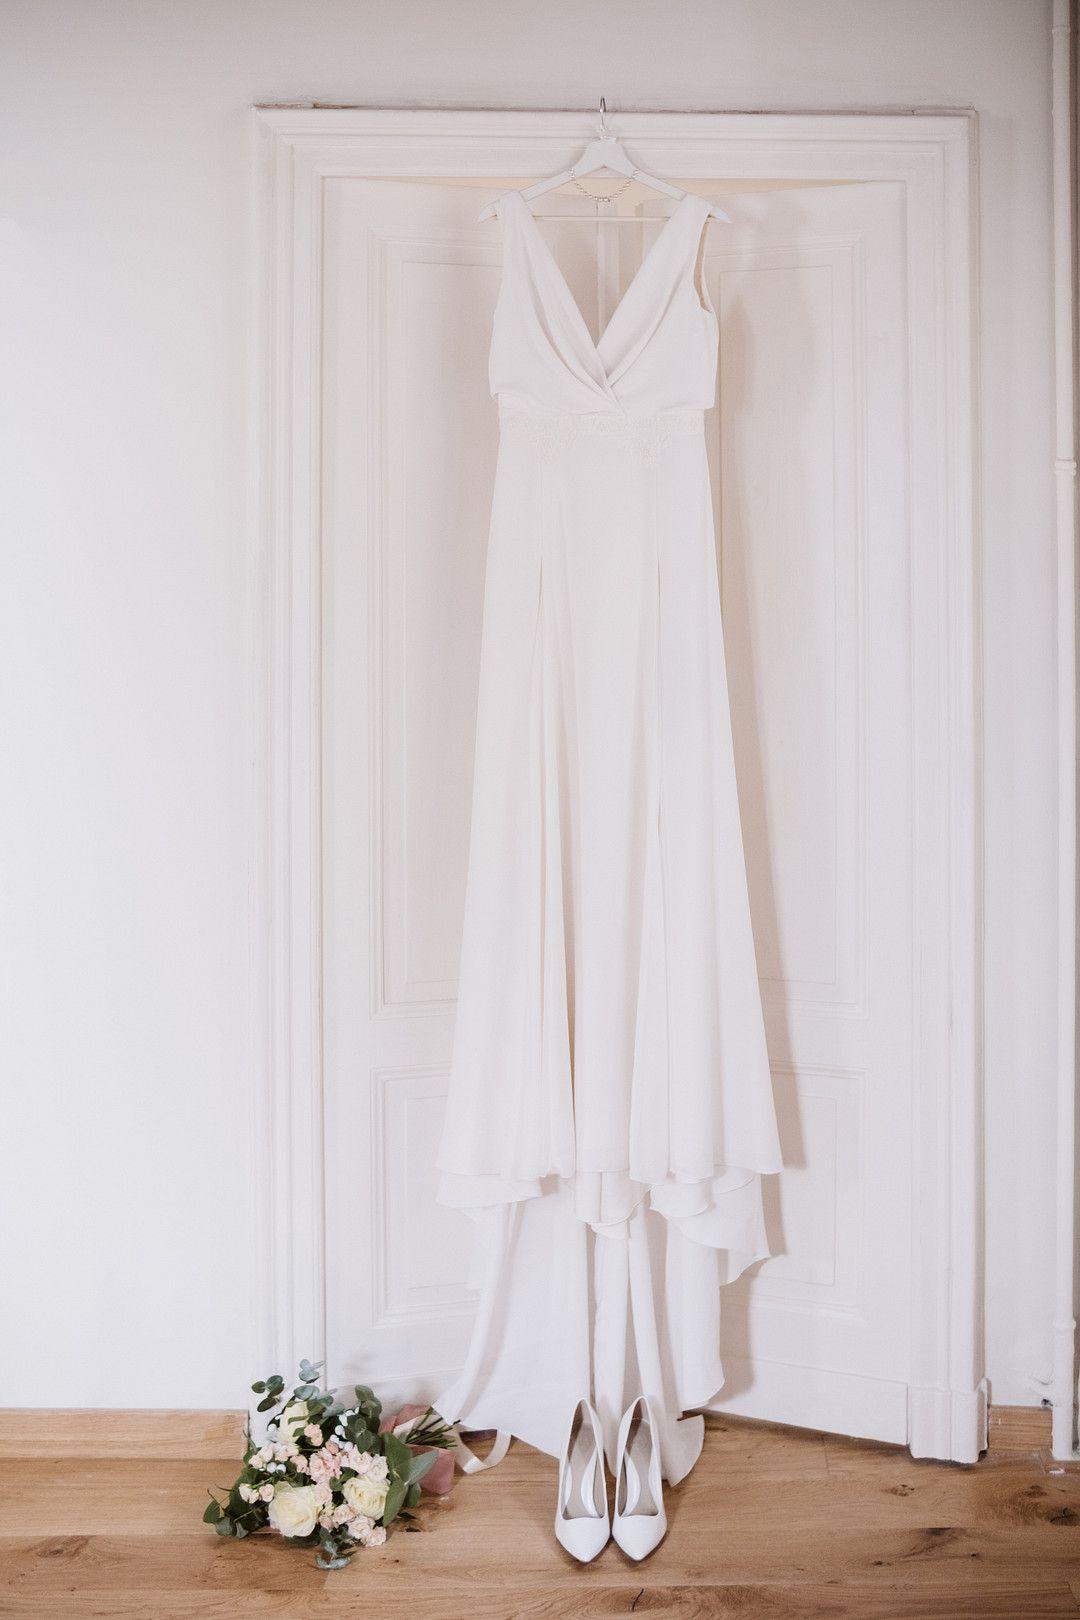 wedding dress hanging in from of bedroom door